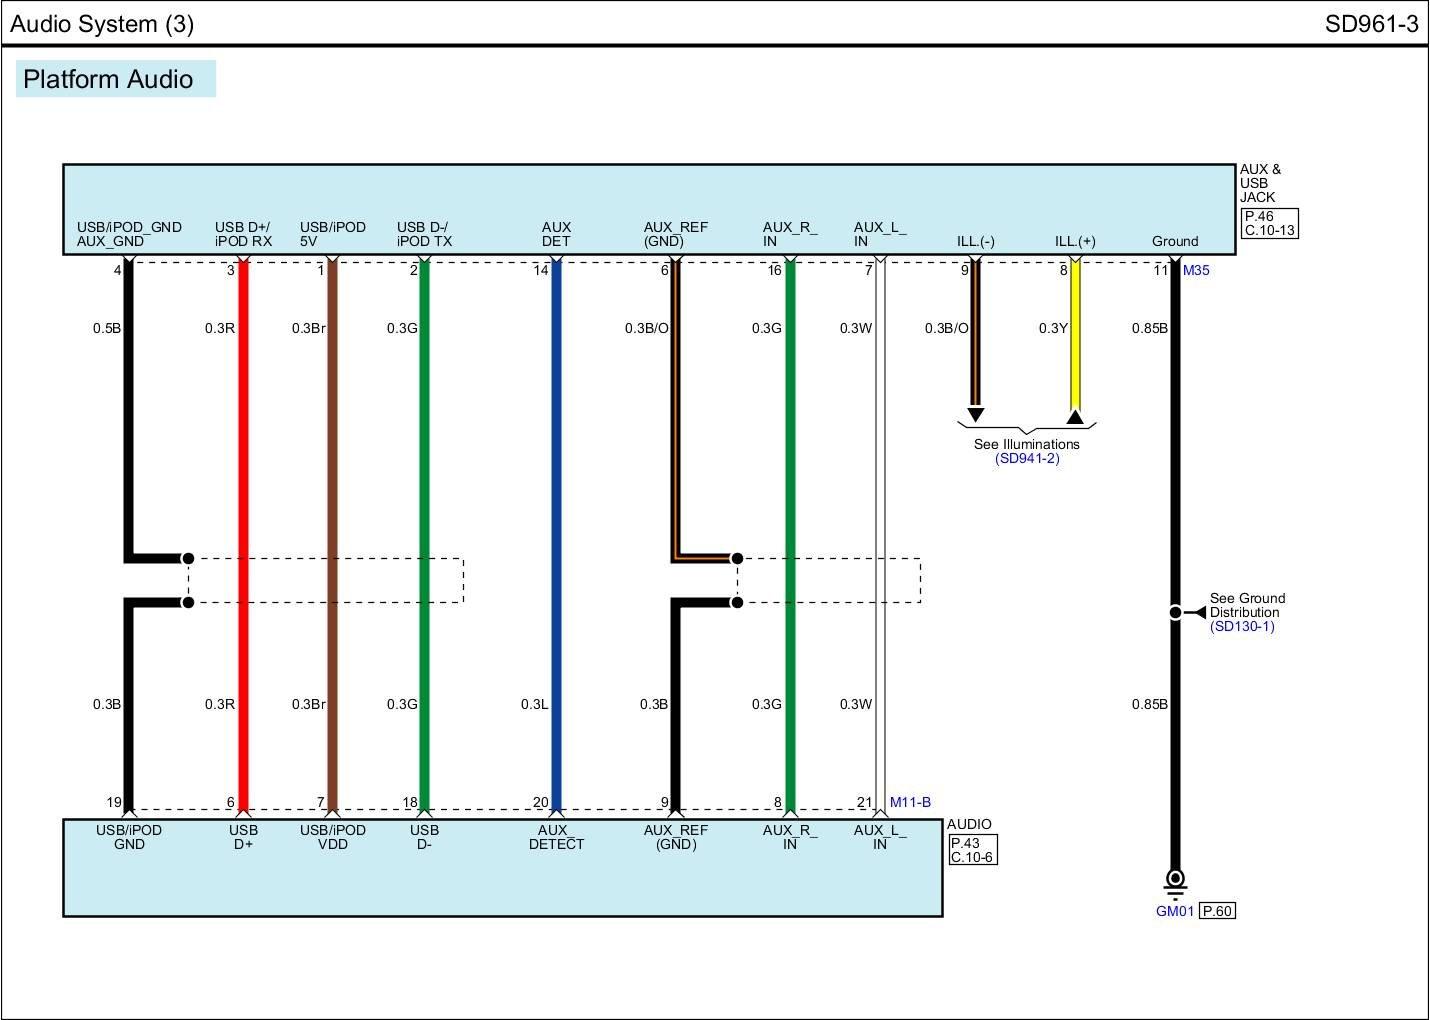 57729d1456985147 wiring diagram 2013 kia rio sx platform audio wiring diagram for 2013 kia rio sx with navigation page 2 kia 2002 Kia Rio Engine Diagram at reclaimingppi.co